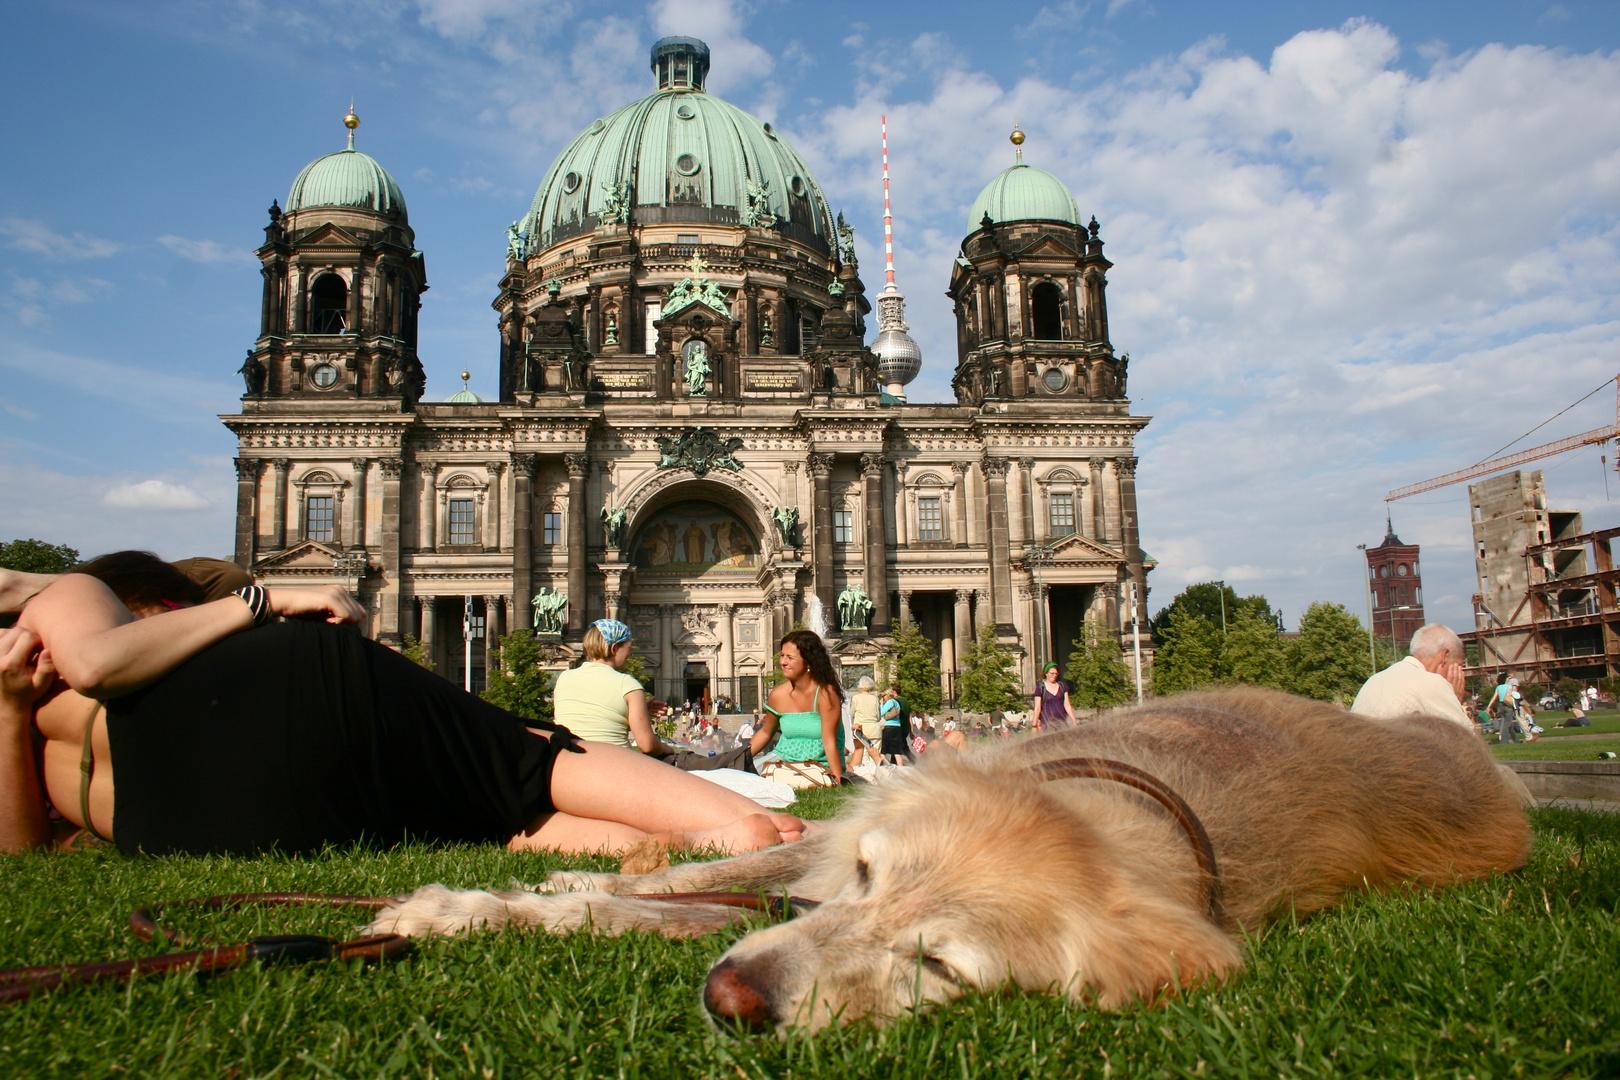 Unsere Elsa vor dem Berliner Dom